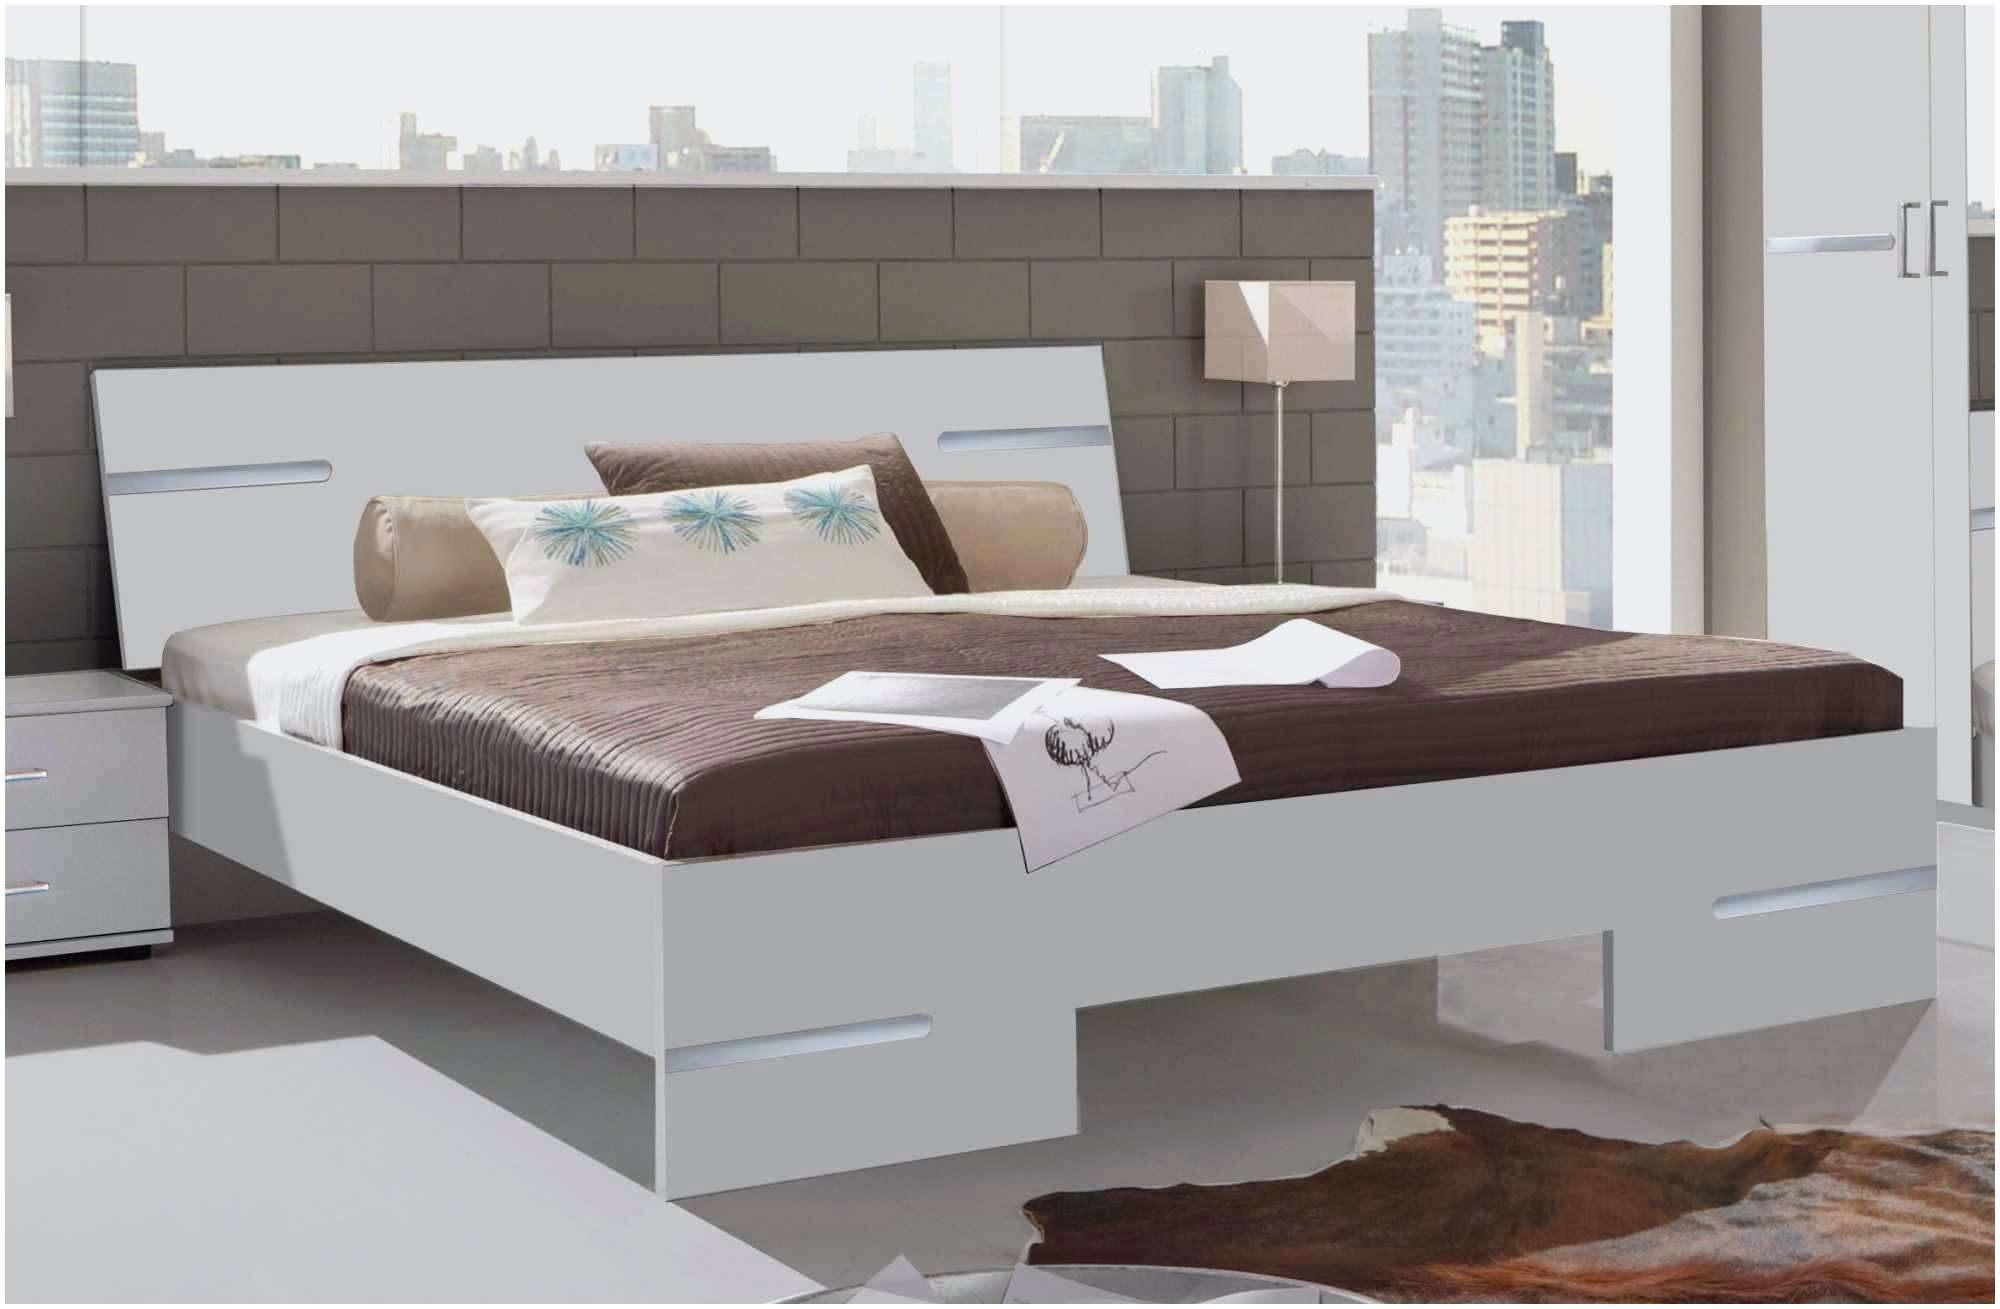 Lit Japonais Ikea Le Luxe Beau Ikea Lit Convertible Banquette Futon Ikea Nouveau Banquette Lit